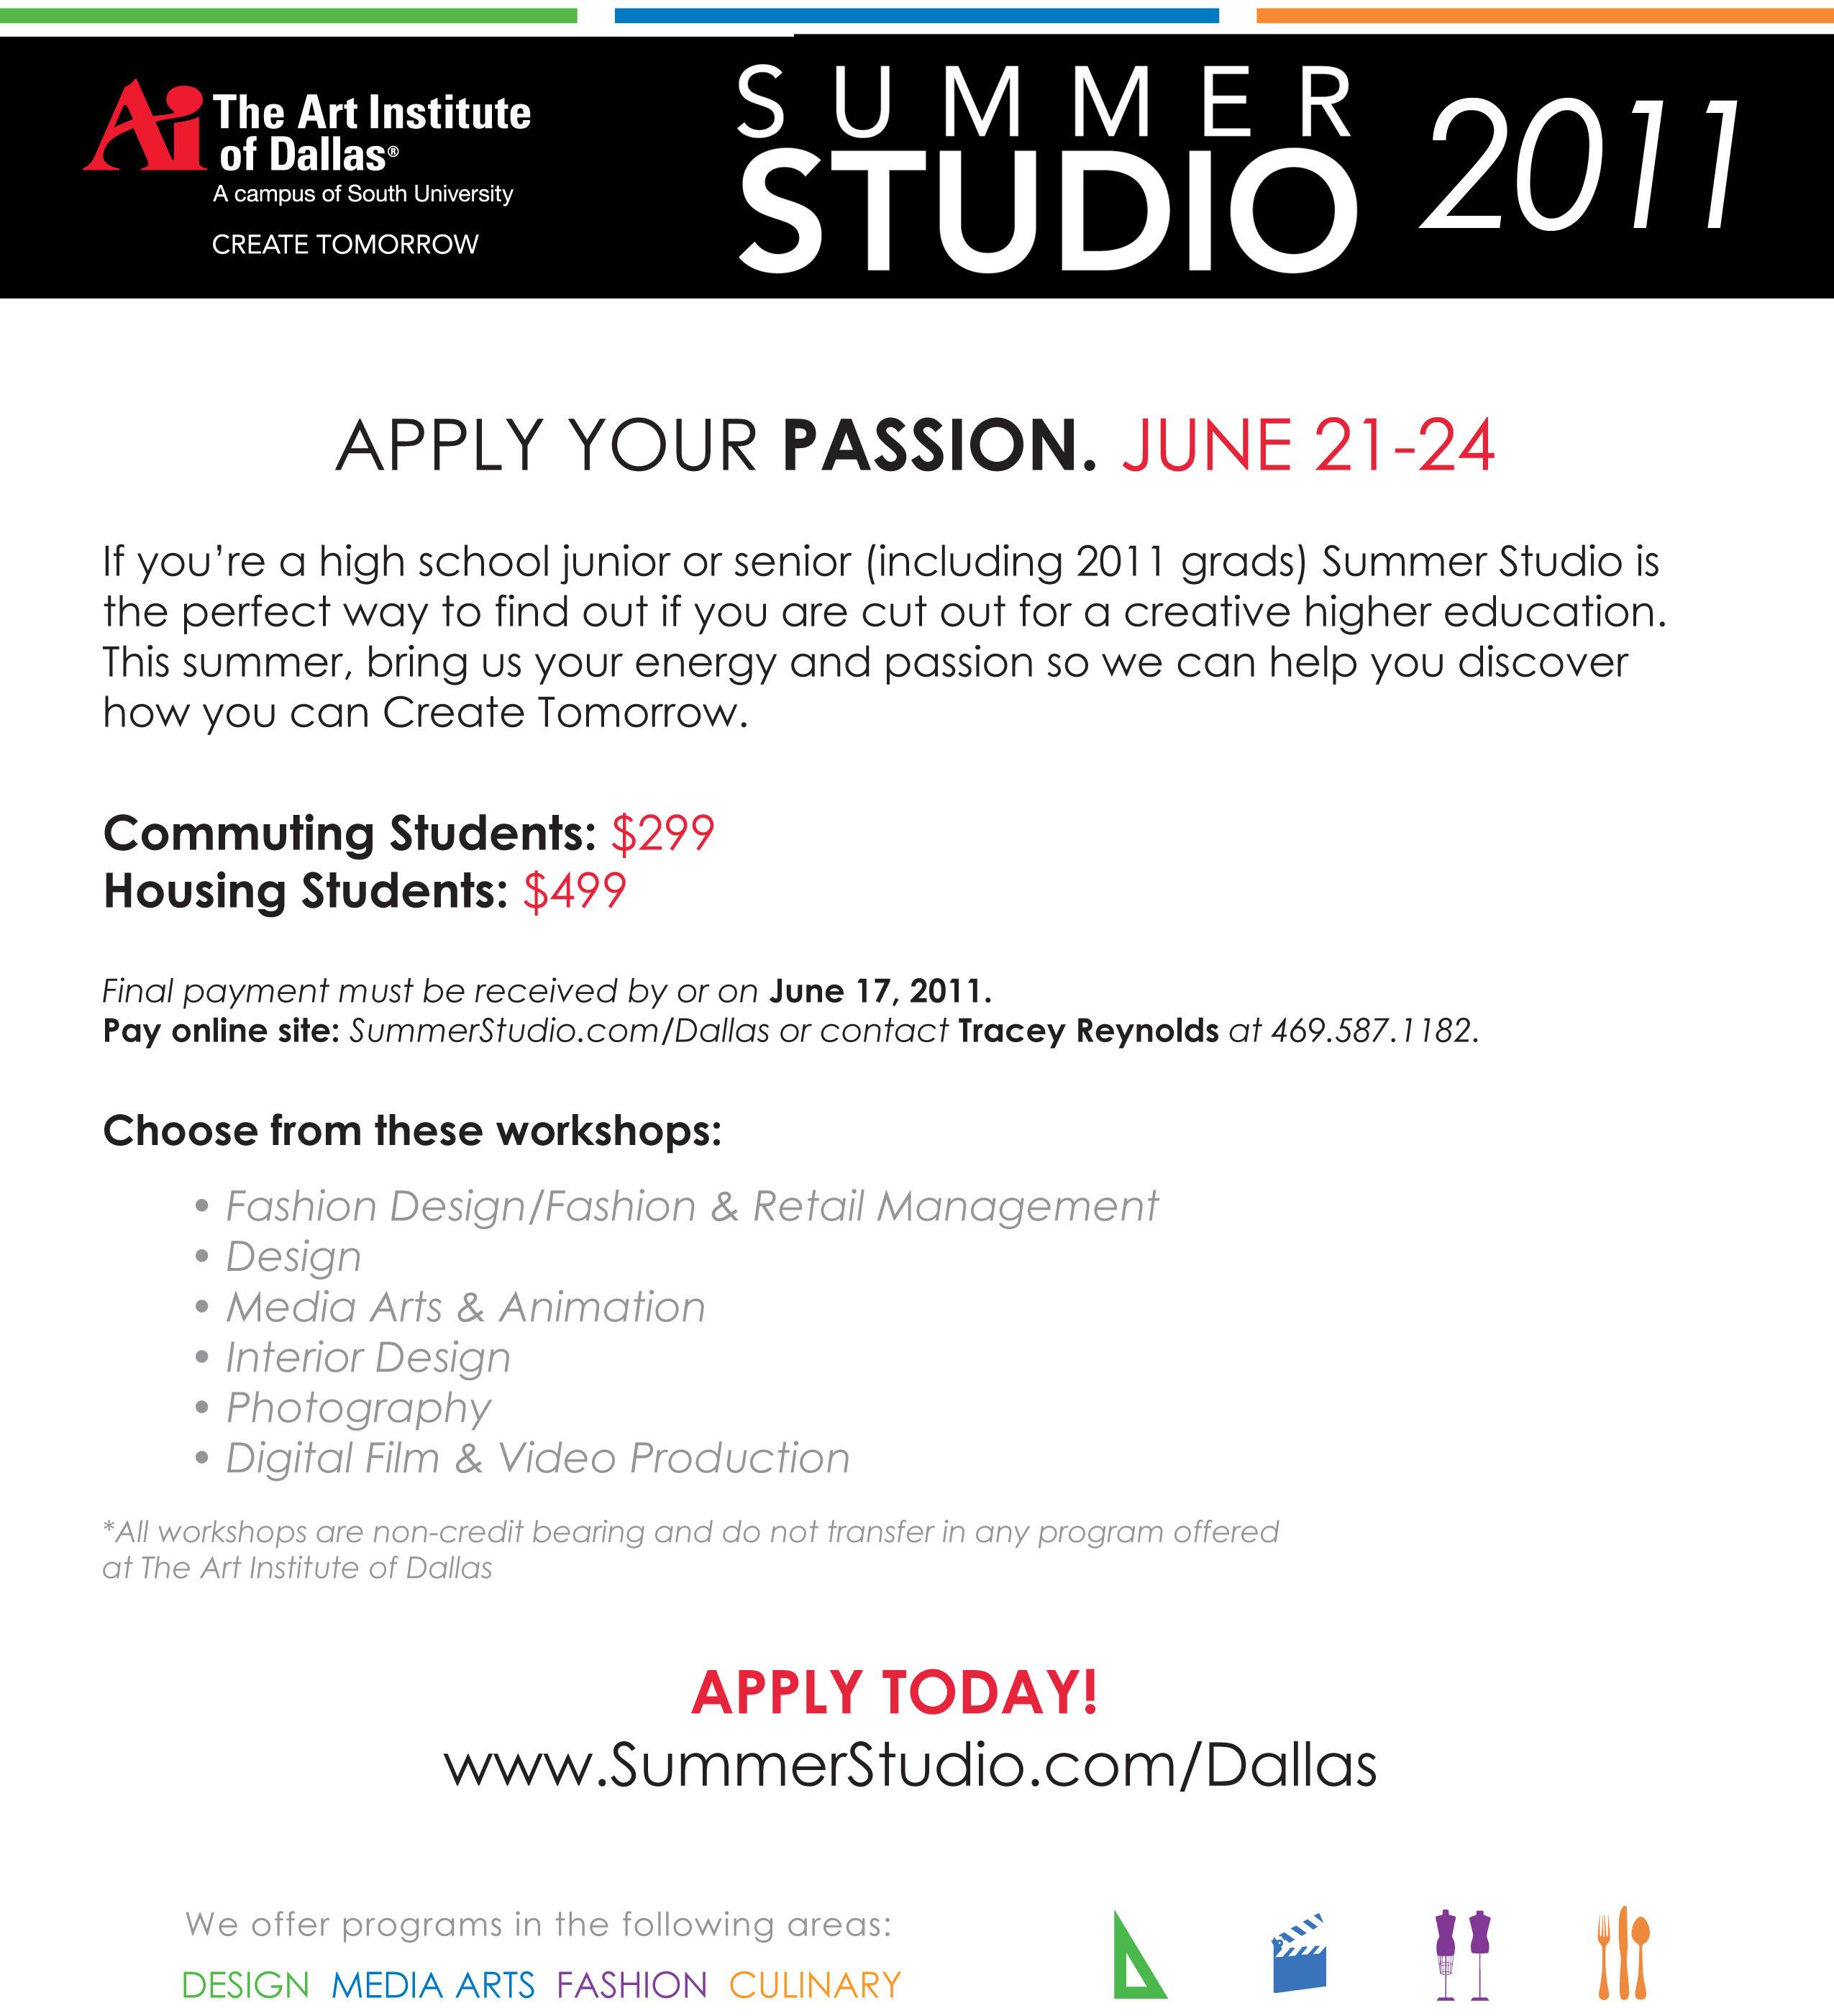 Summer Studio Eblast Invitation